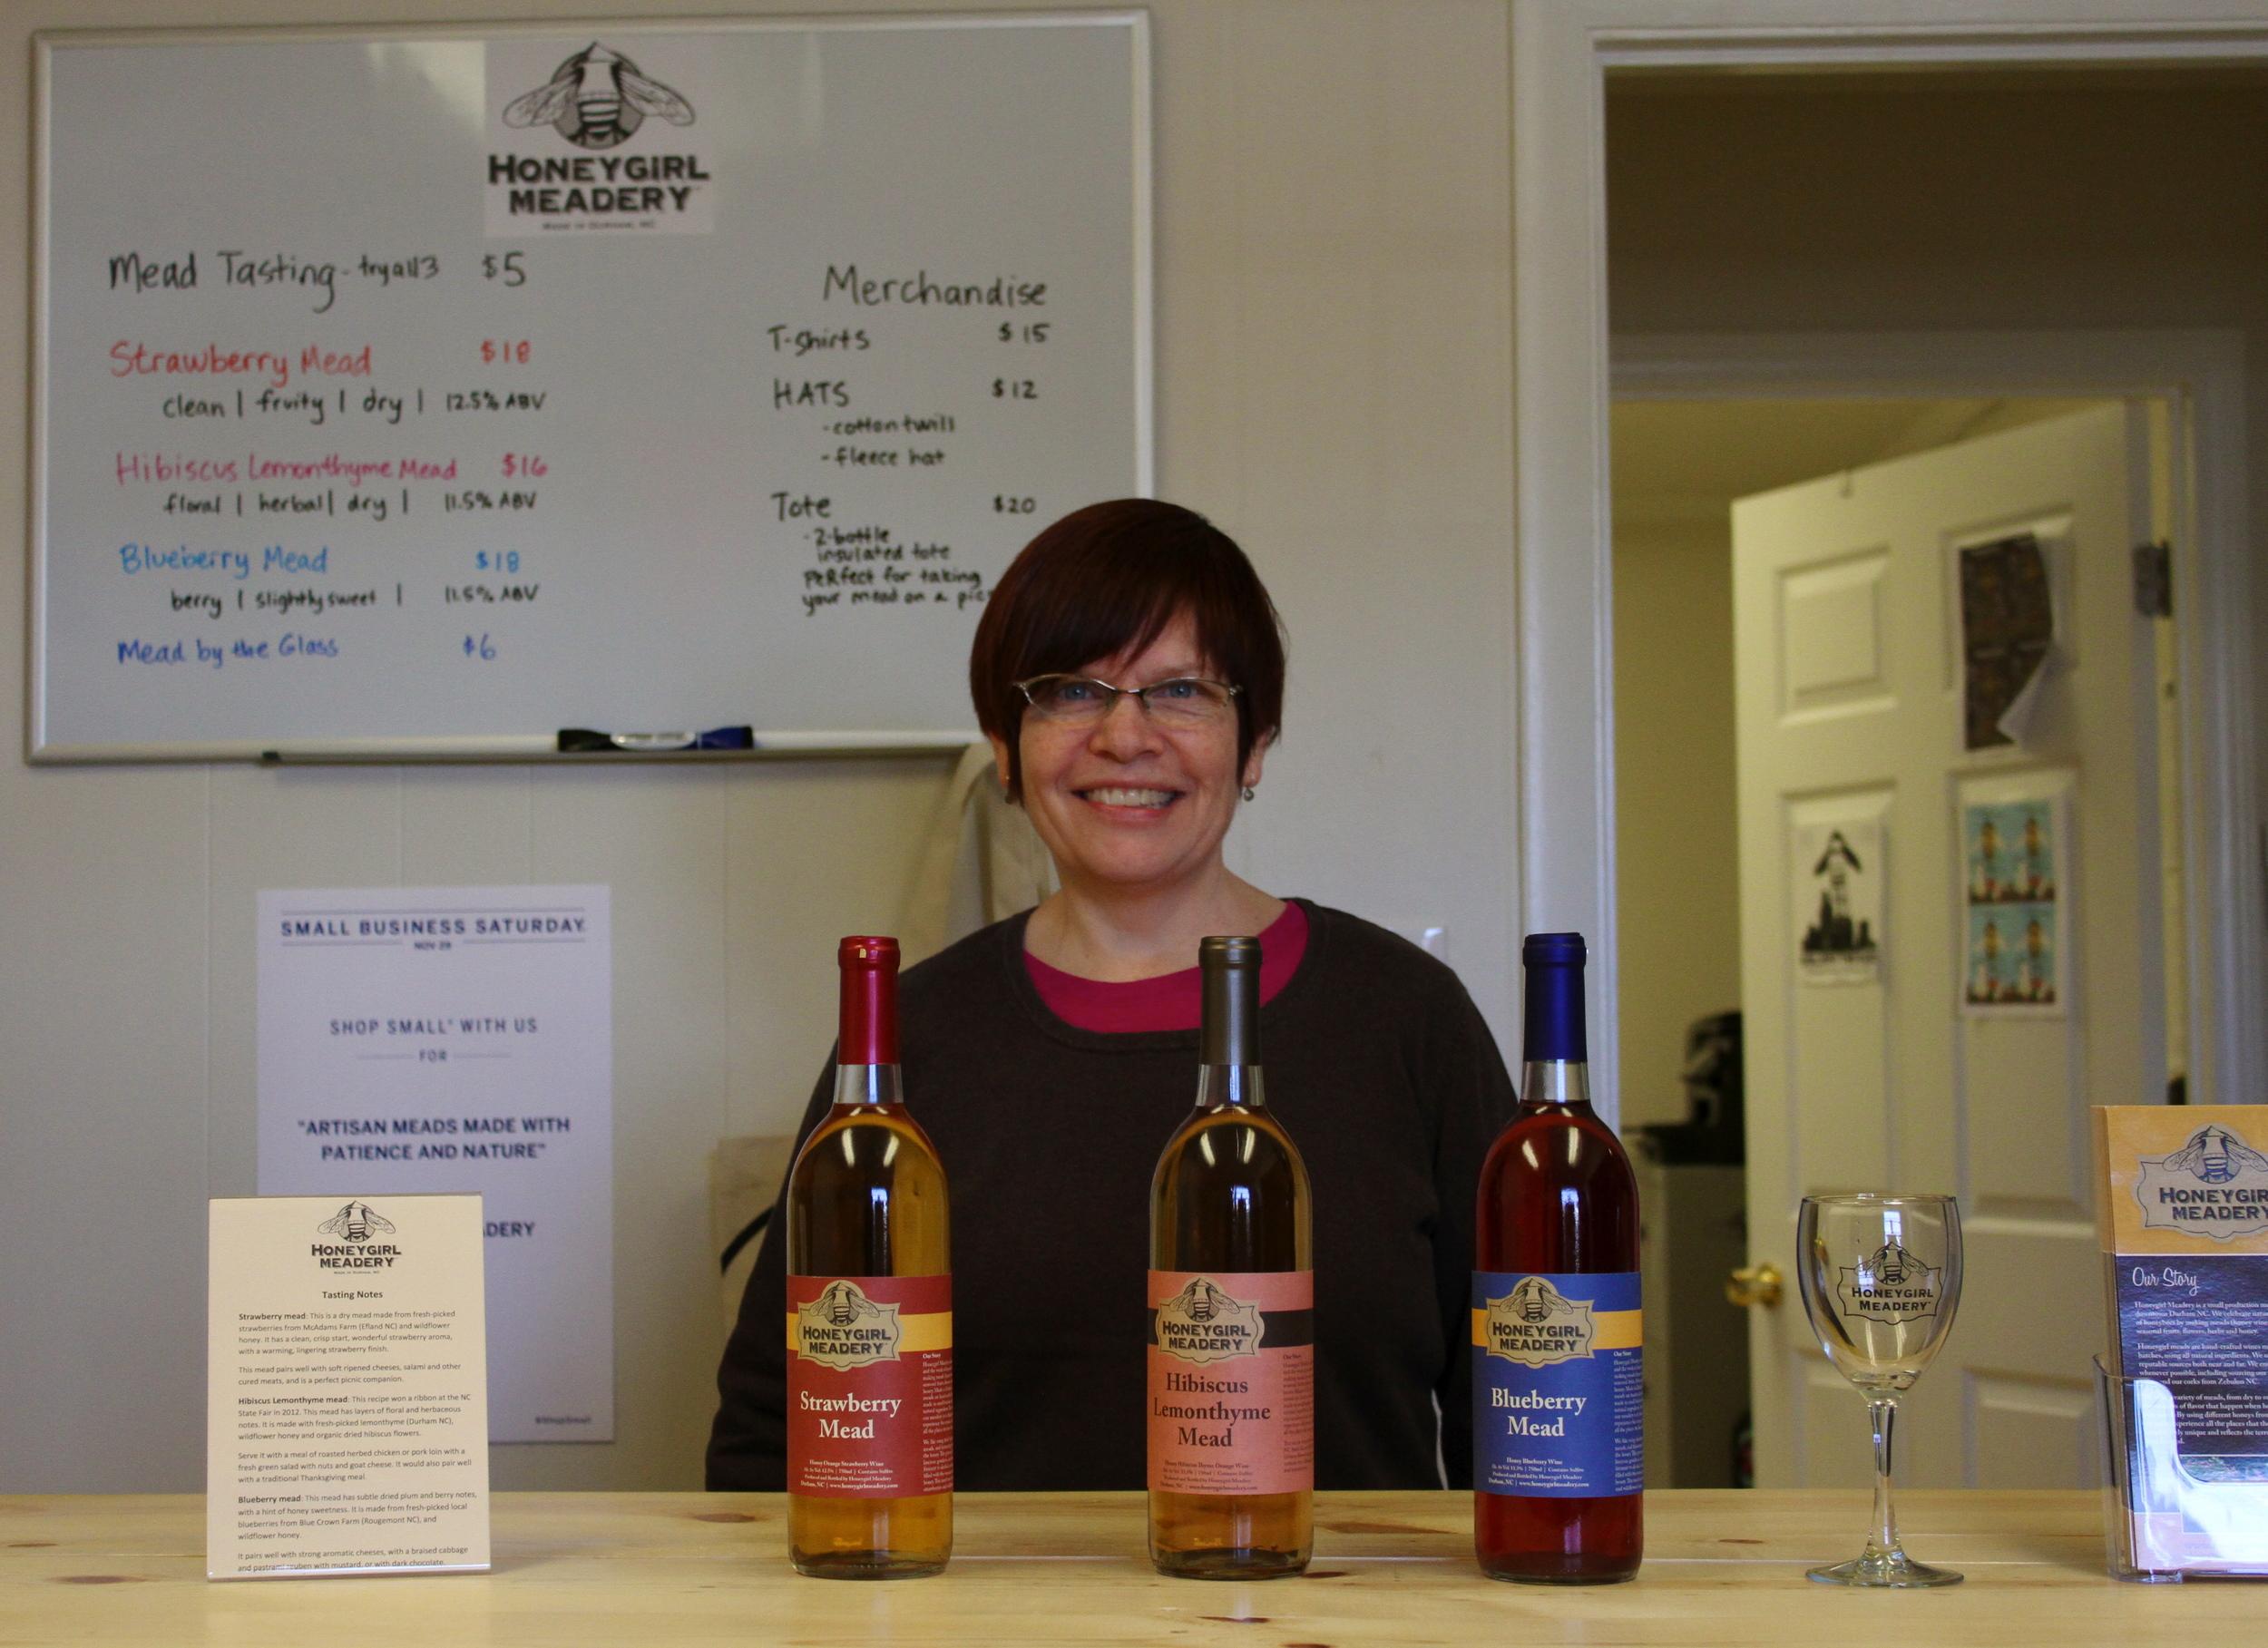 Diane Currier of Honeygirl Meadery